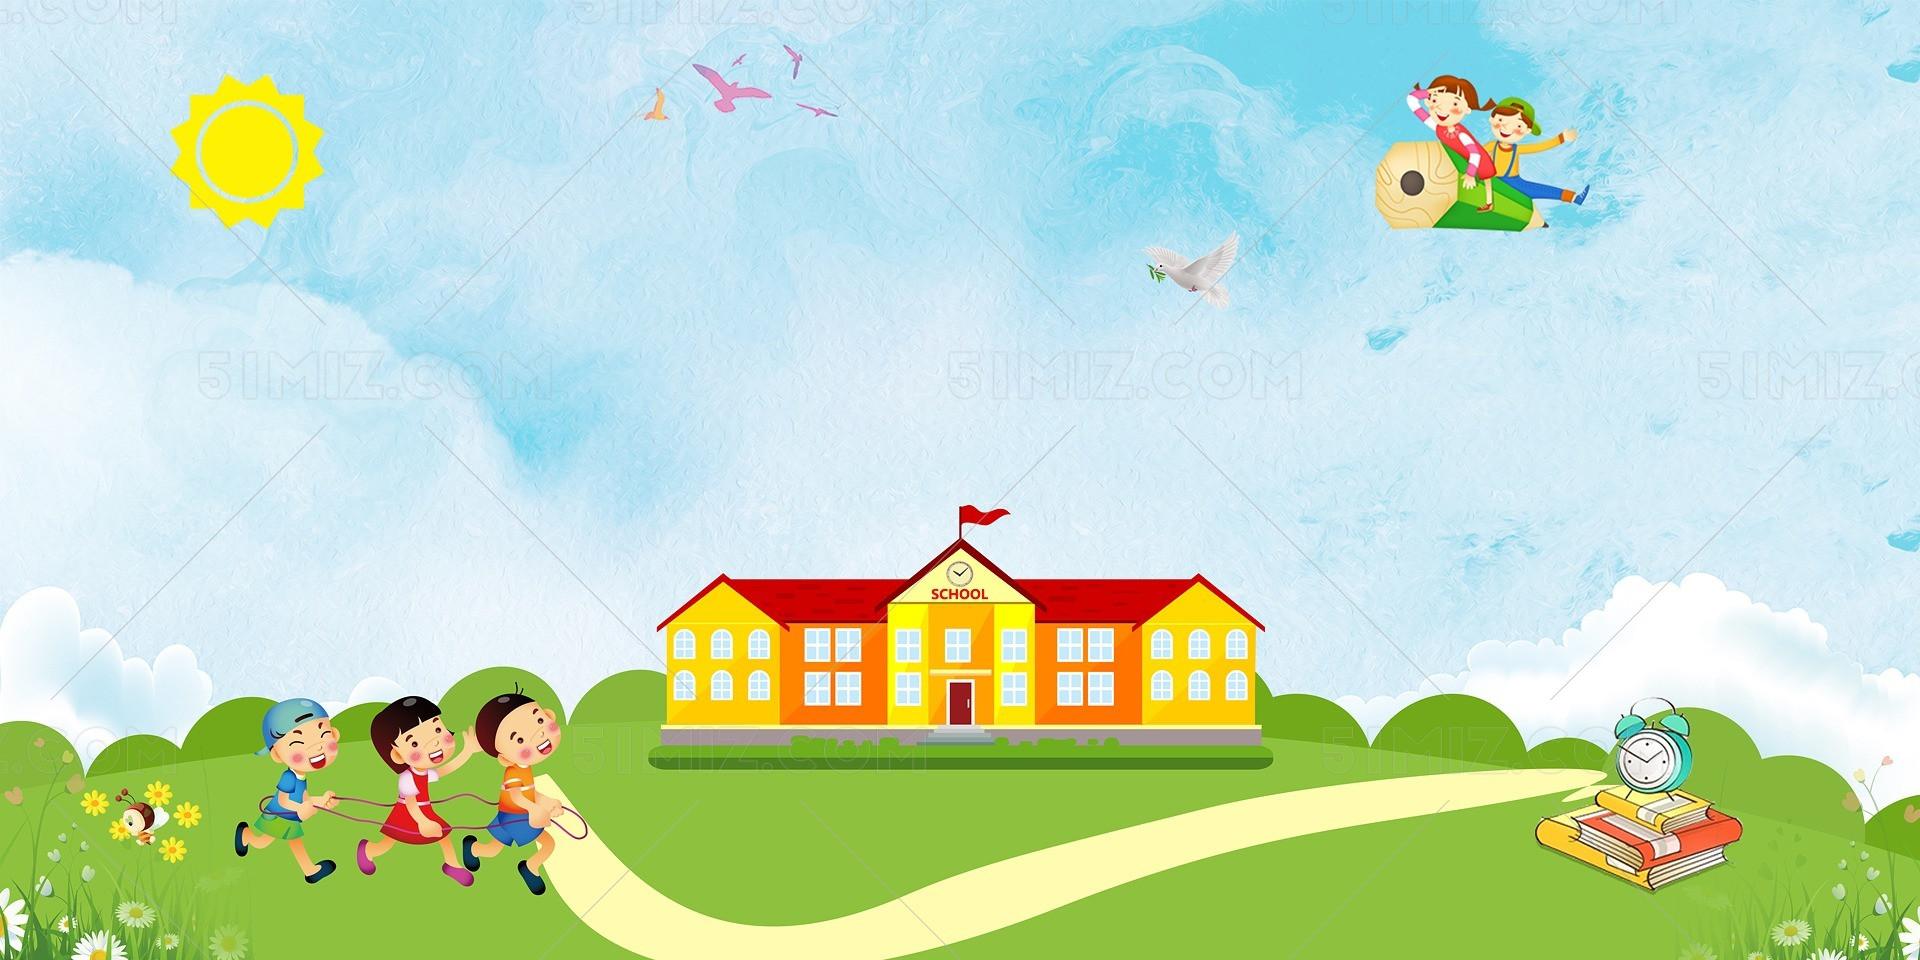 (独家) 下载jpg下载psd 背景素材 卡通儿童水彩手绘开学季背景标签